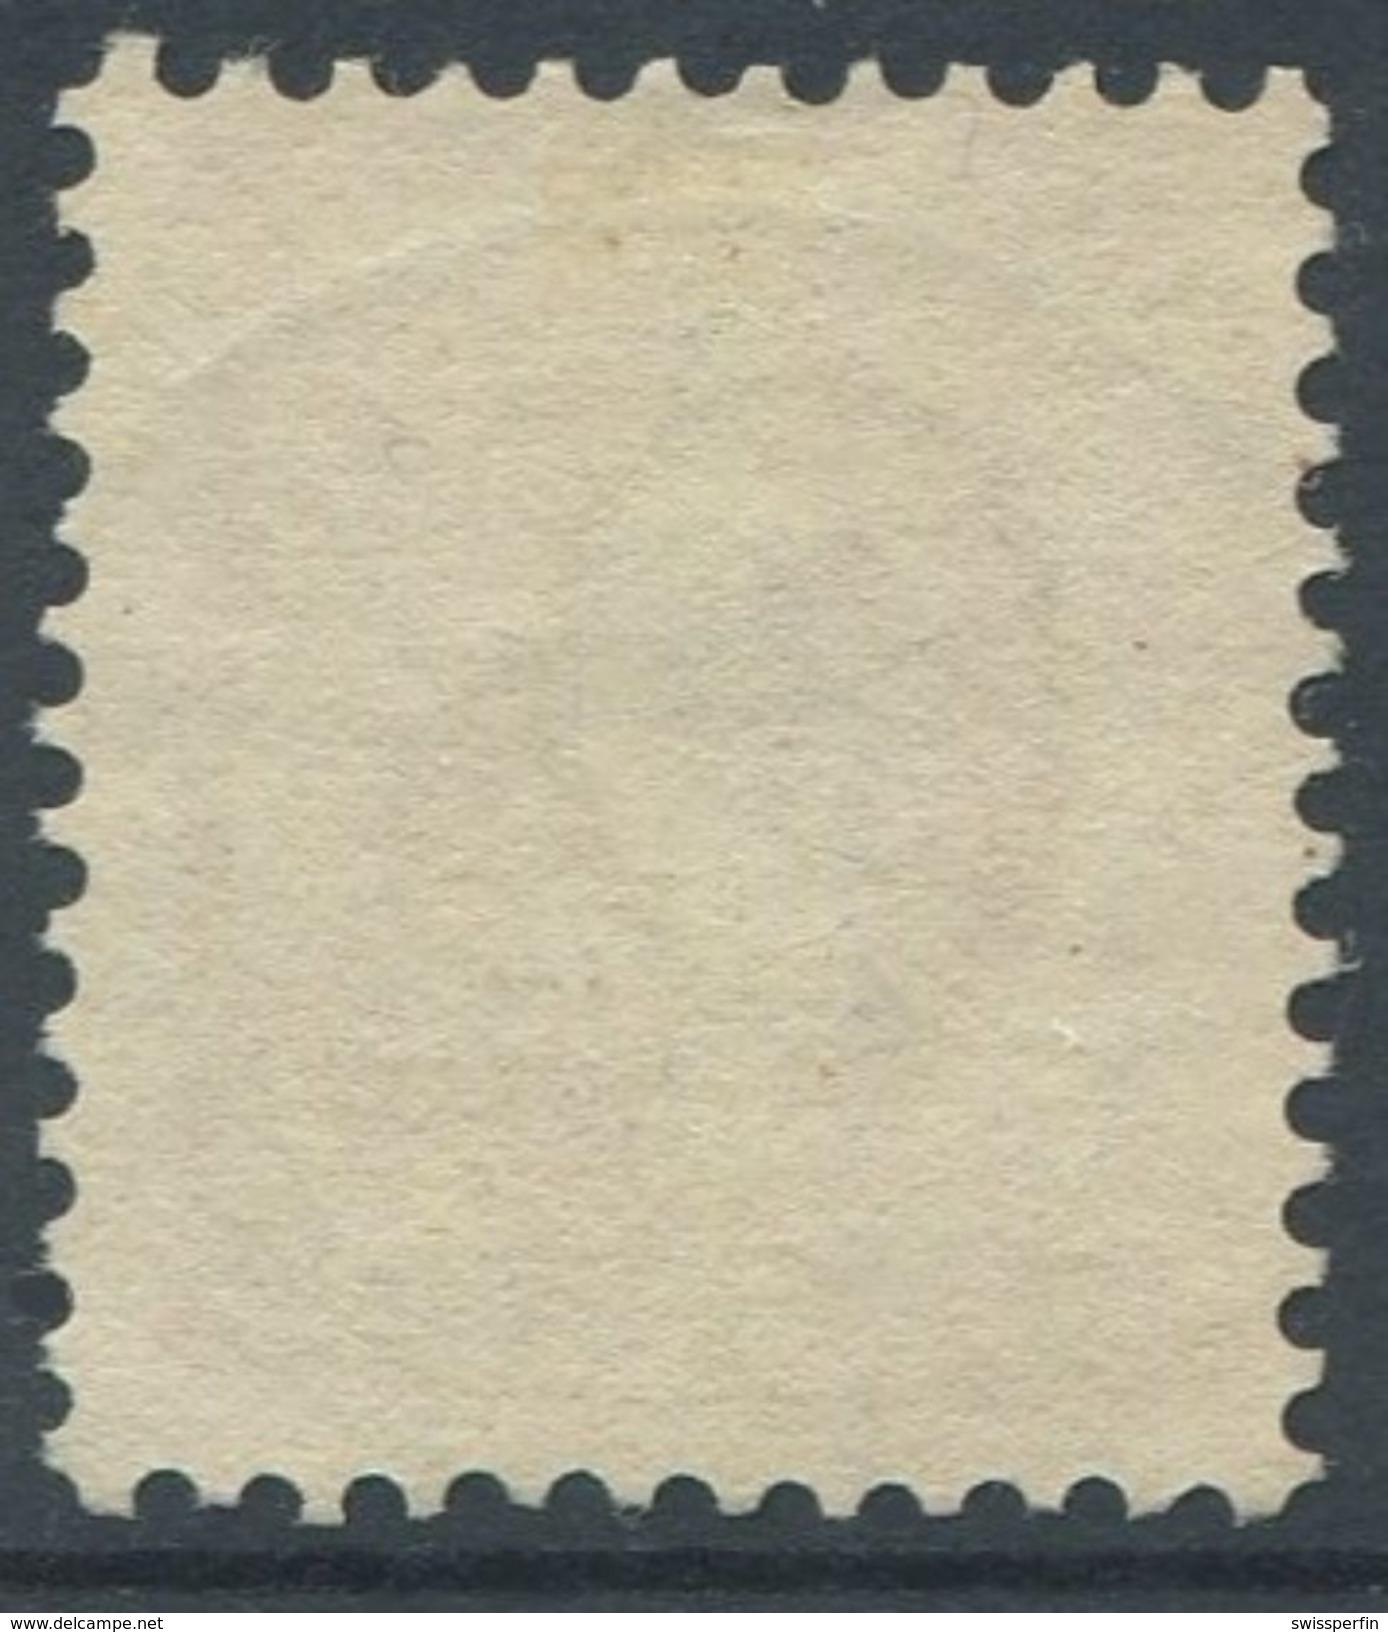 1651 -  3 Fr. Stehende Helvetia Mit Vollstempel ST. GALLEN 2.I.99 - 1882-1906 Wappen, Stehende Helvetia & UPU